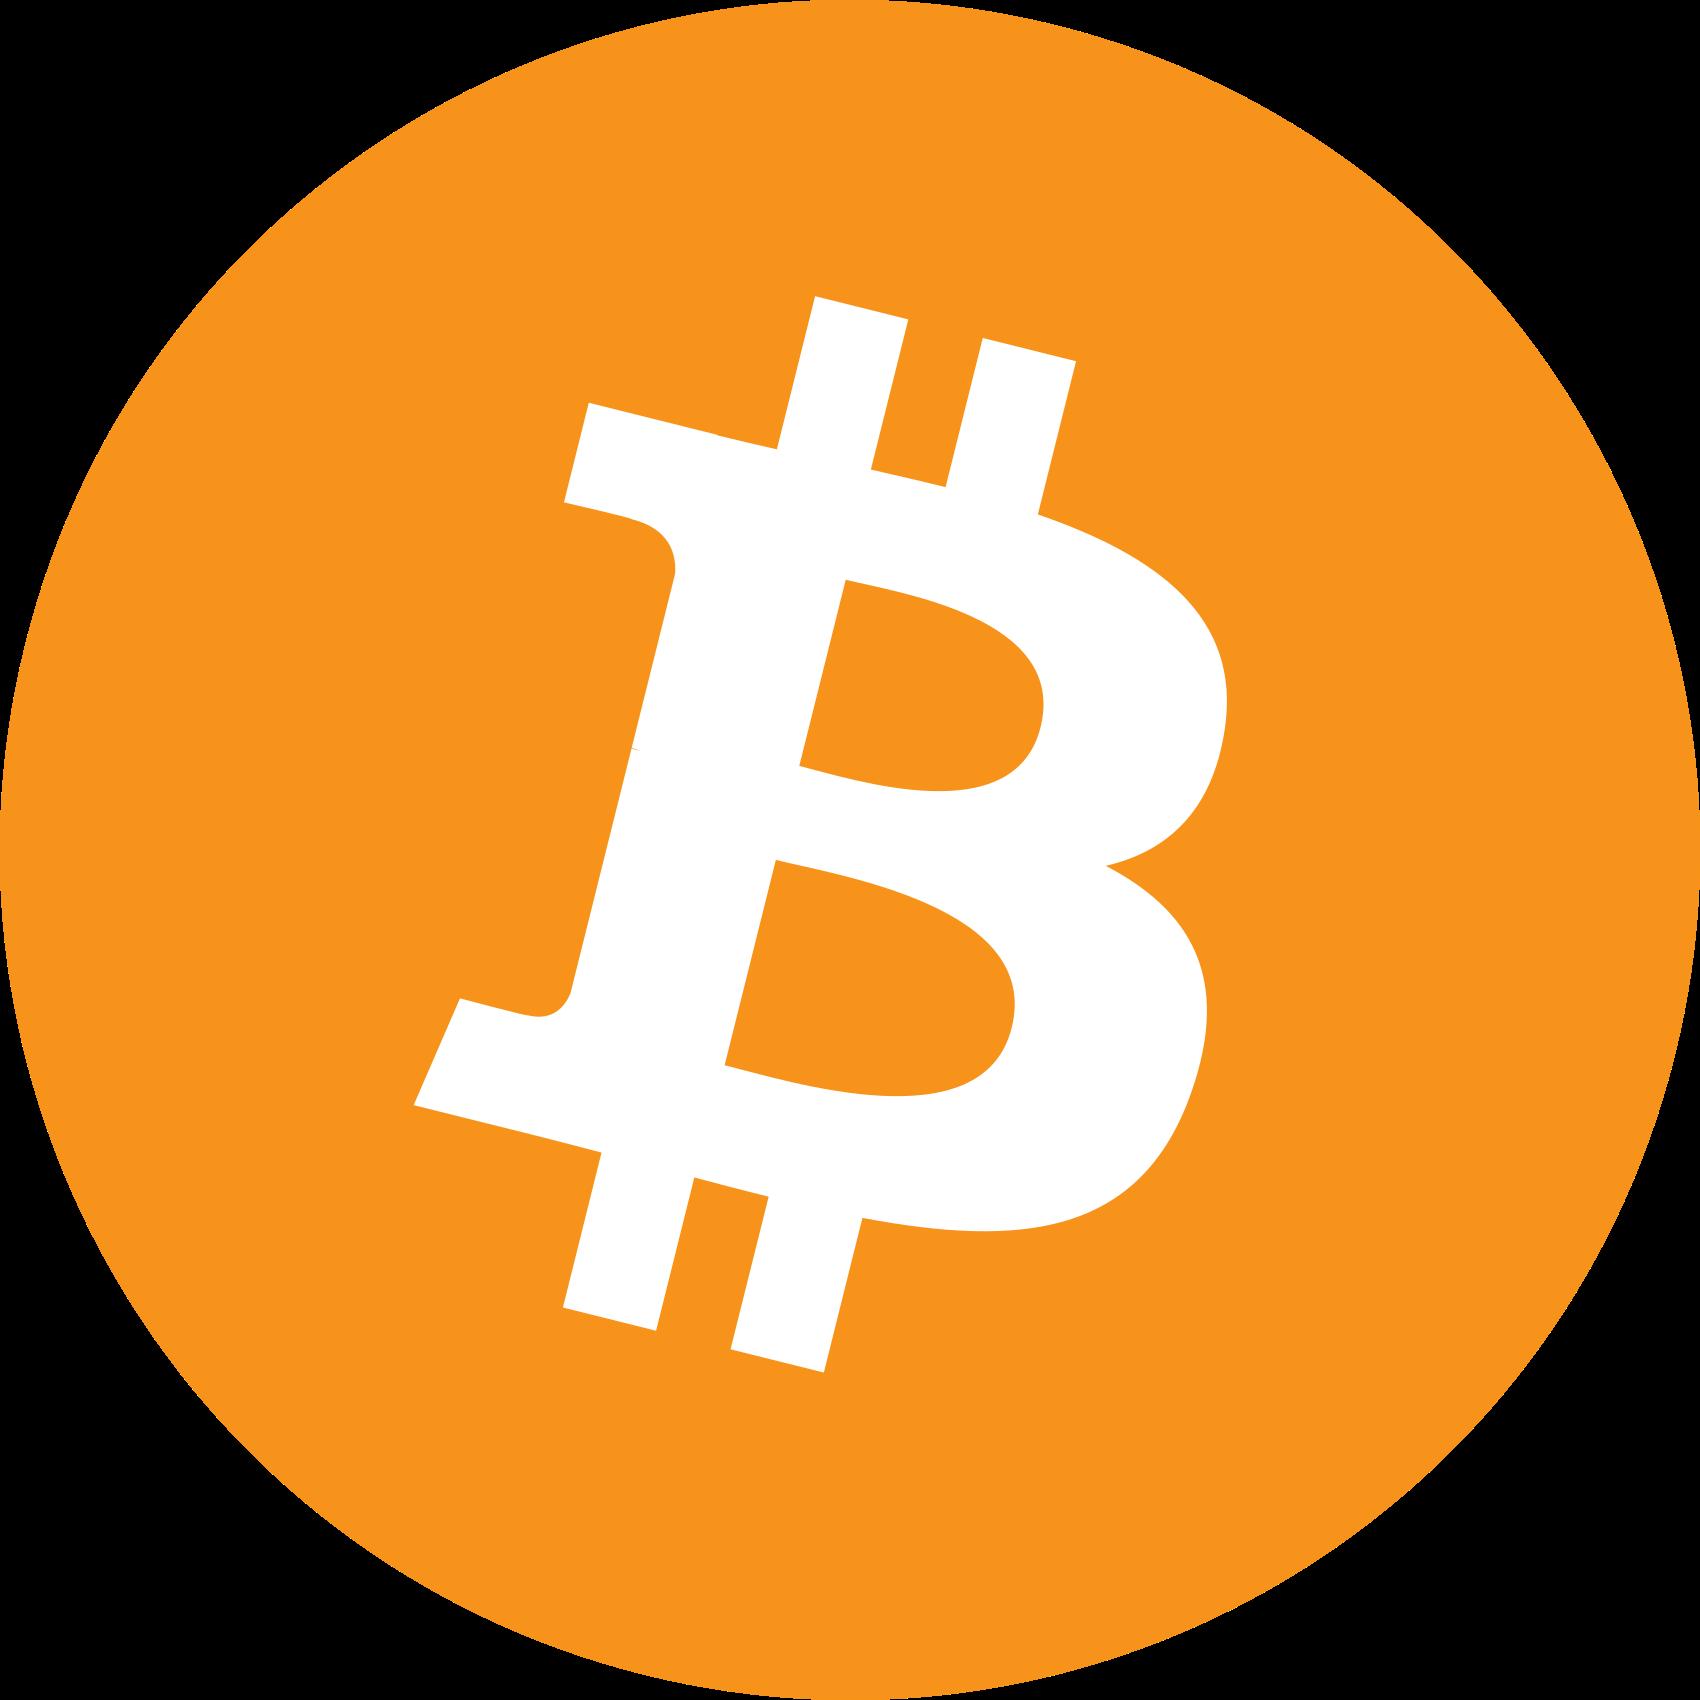 moeda-bitcoin-coin-2